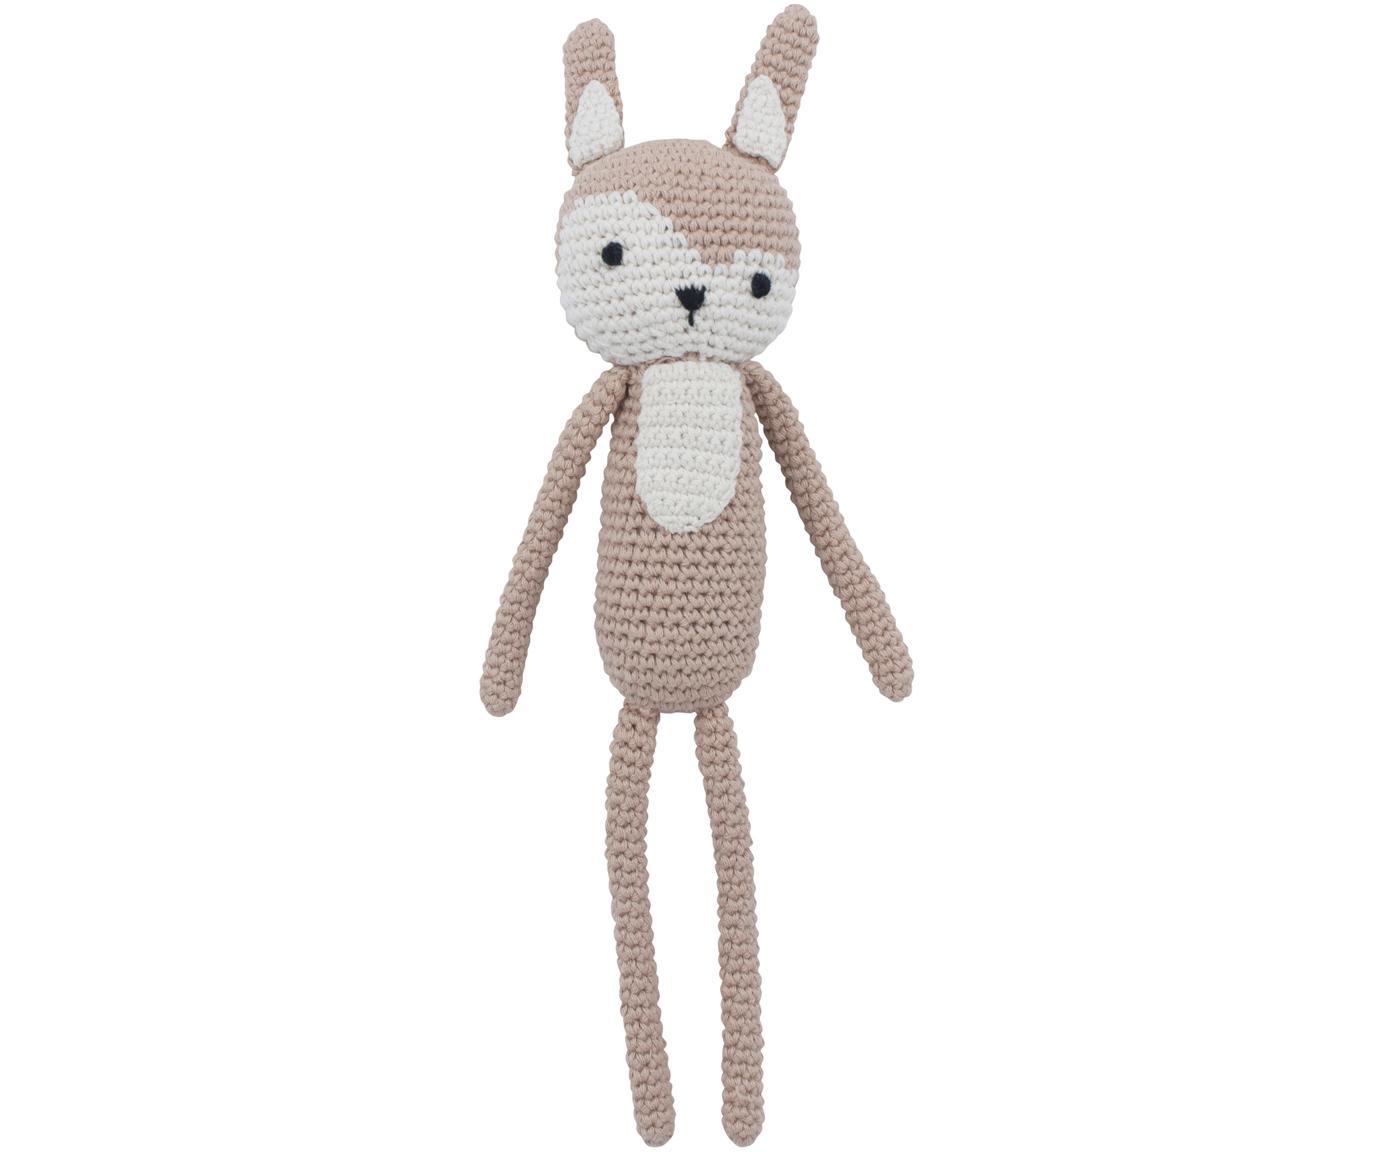 Kuscheltier Siggy, Bezug: Baumwolle, Beige, Rosa, Schwarz, 4 x 28 cm